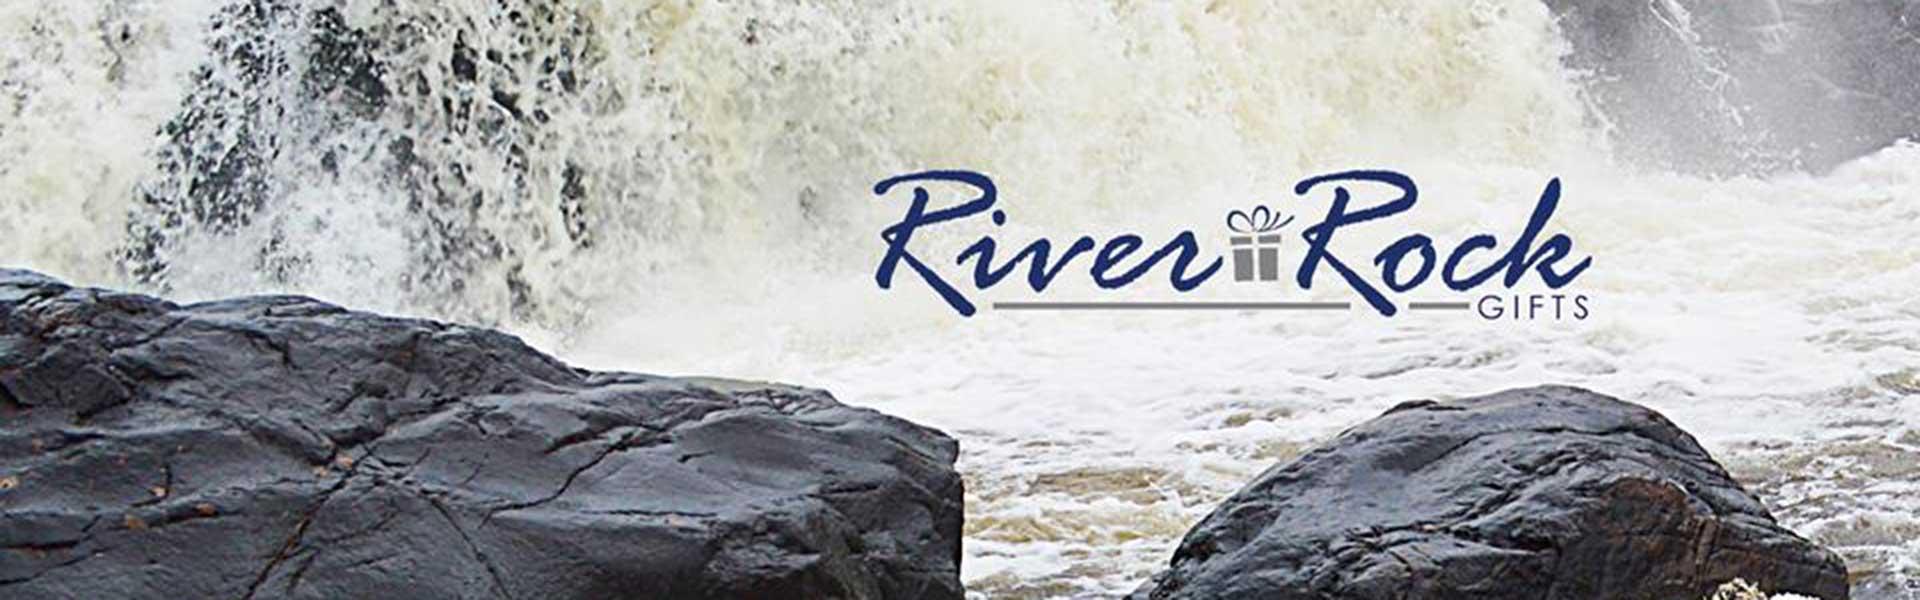 river-rock-gift-header